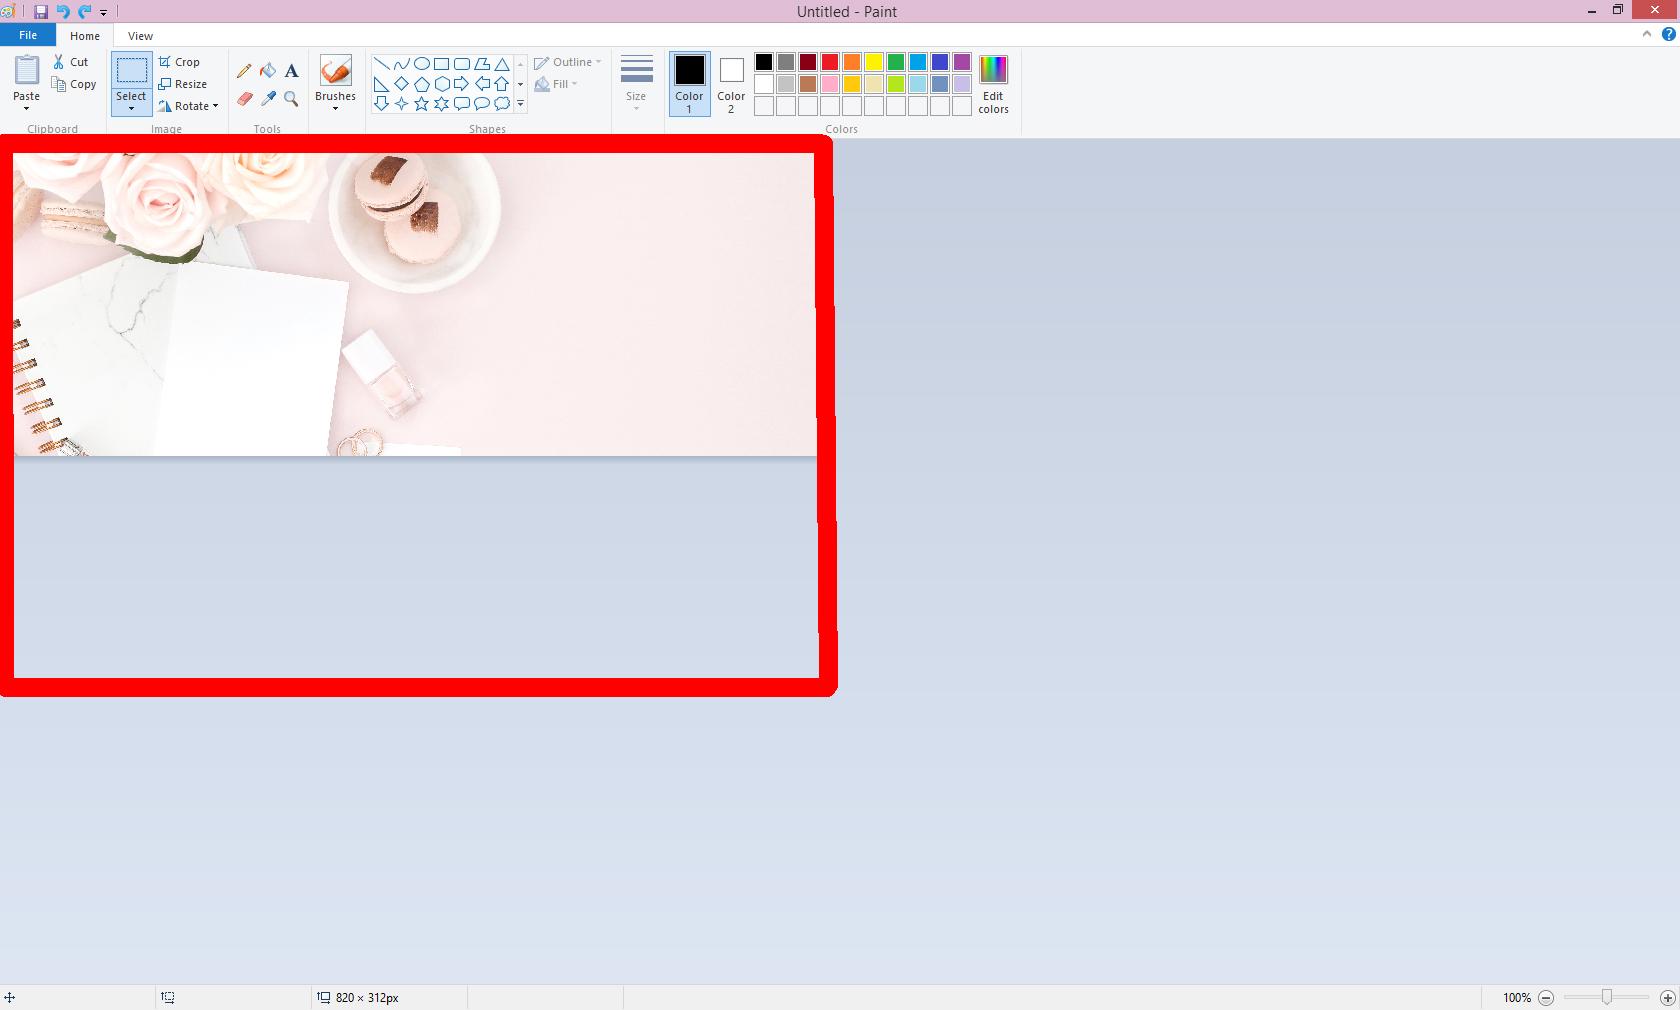 Omslagsbild för Facebook så här gör du i Paint för att visa rätt del av bilden